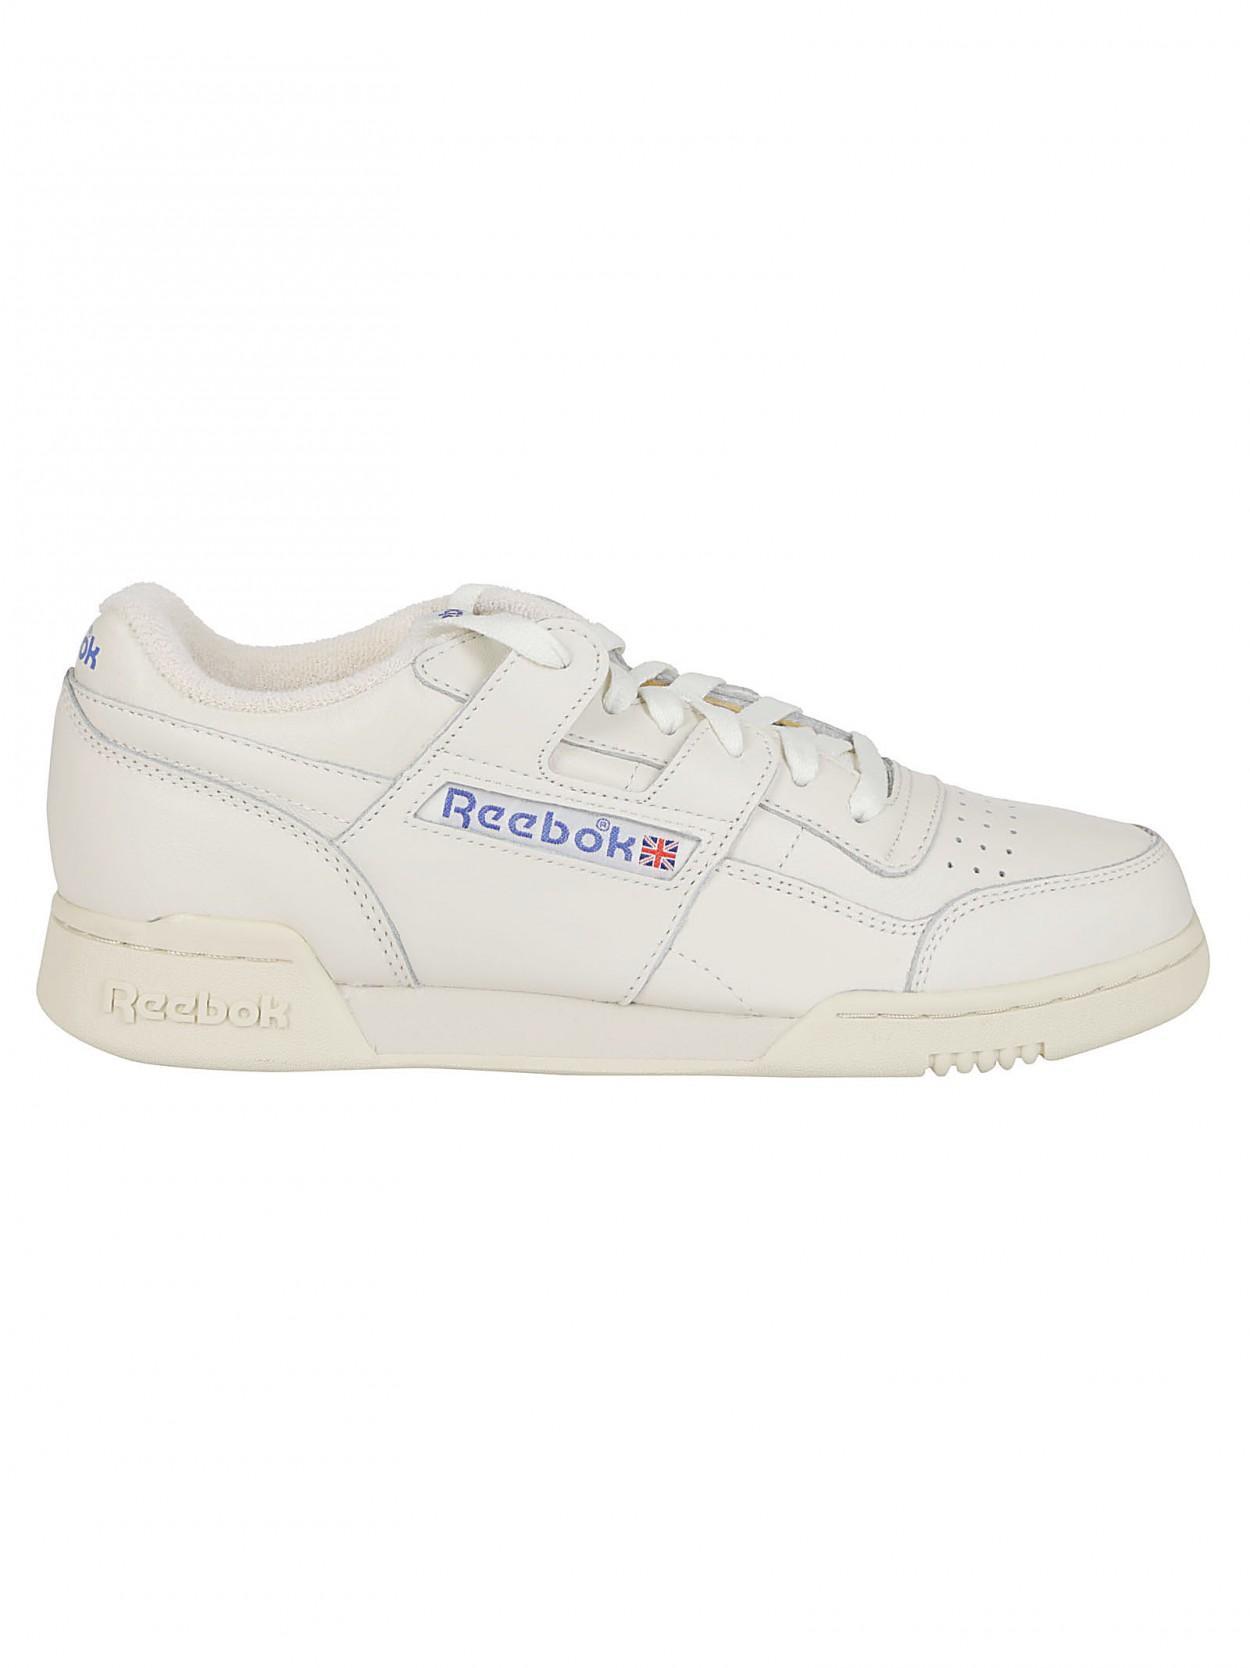 ... REEBOK sneaker workout plus 1987 bianca for Men - Lyst. View fullscreen 254cf2db3